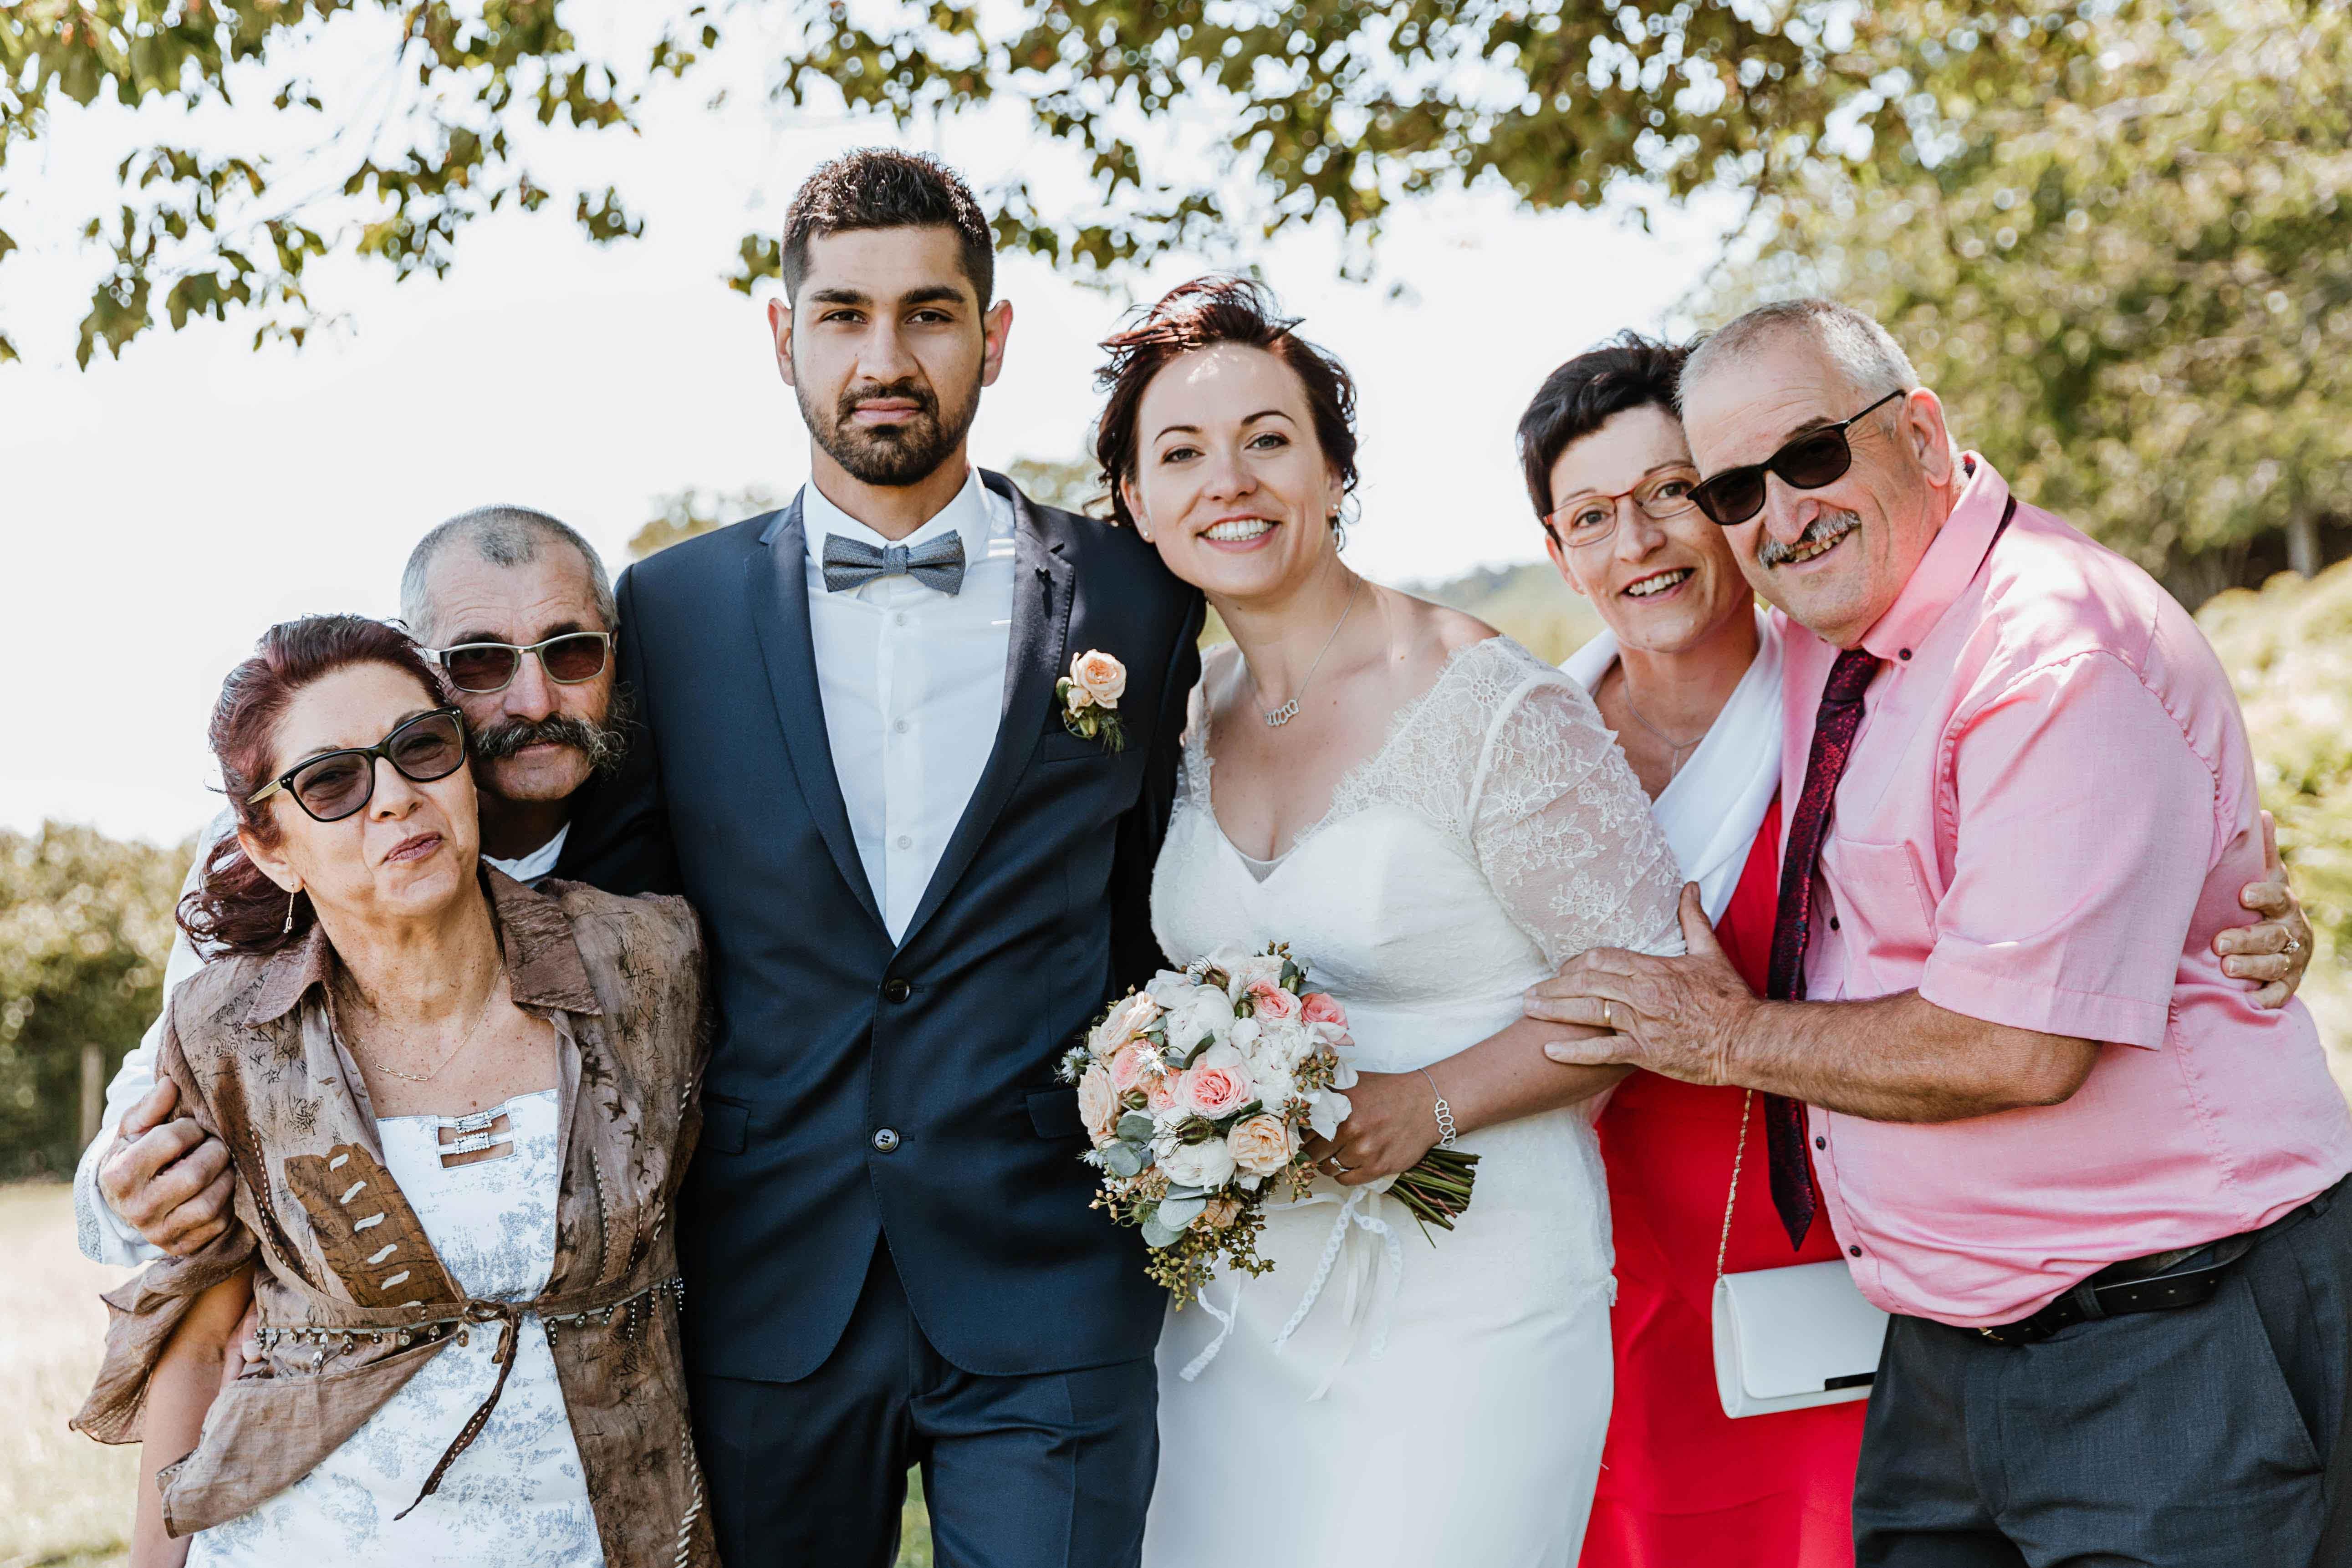 photographe beaujolais lyon mariage famille